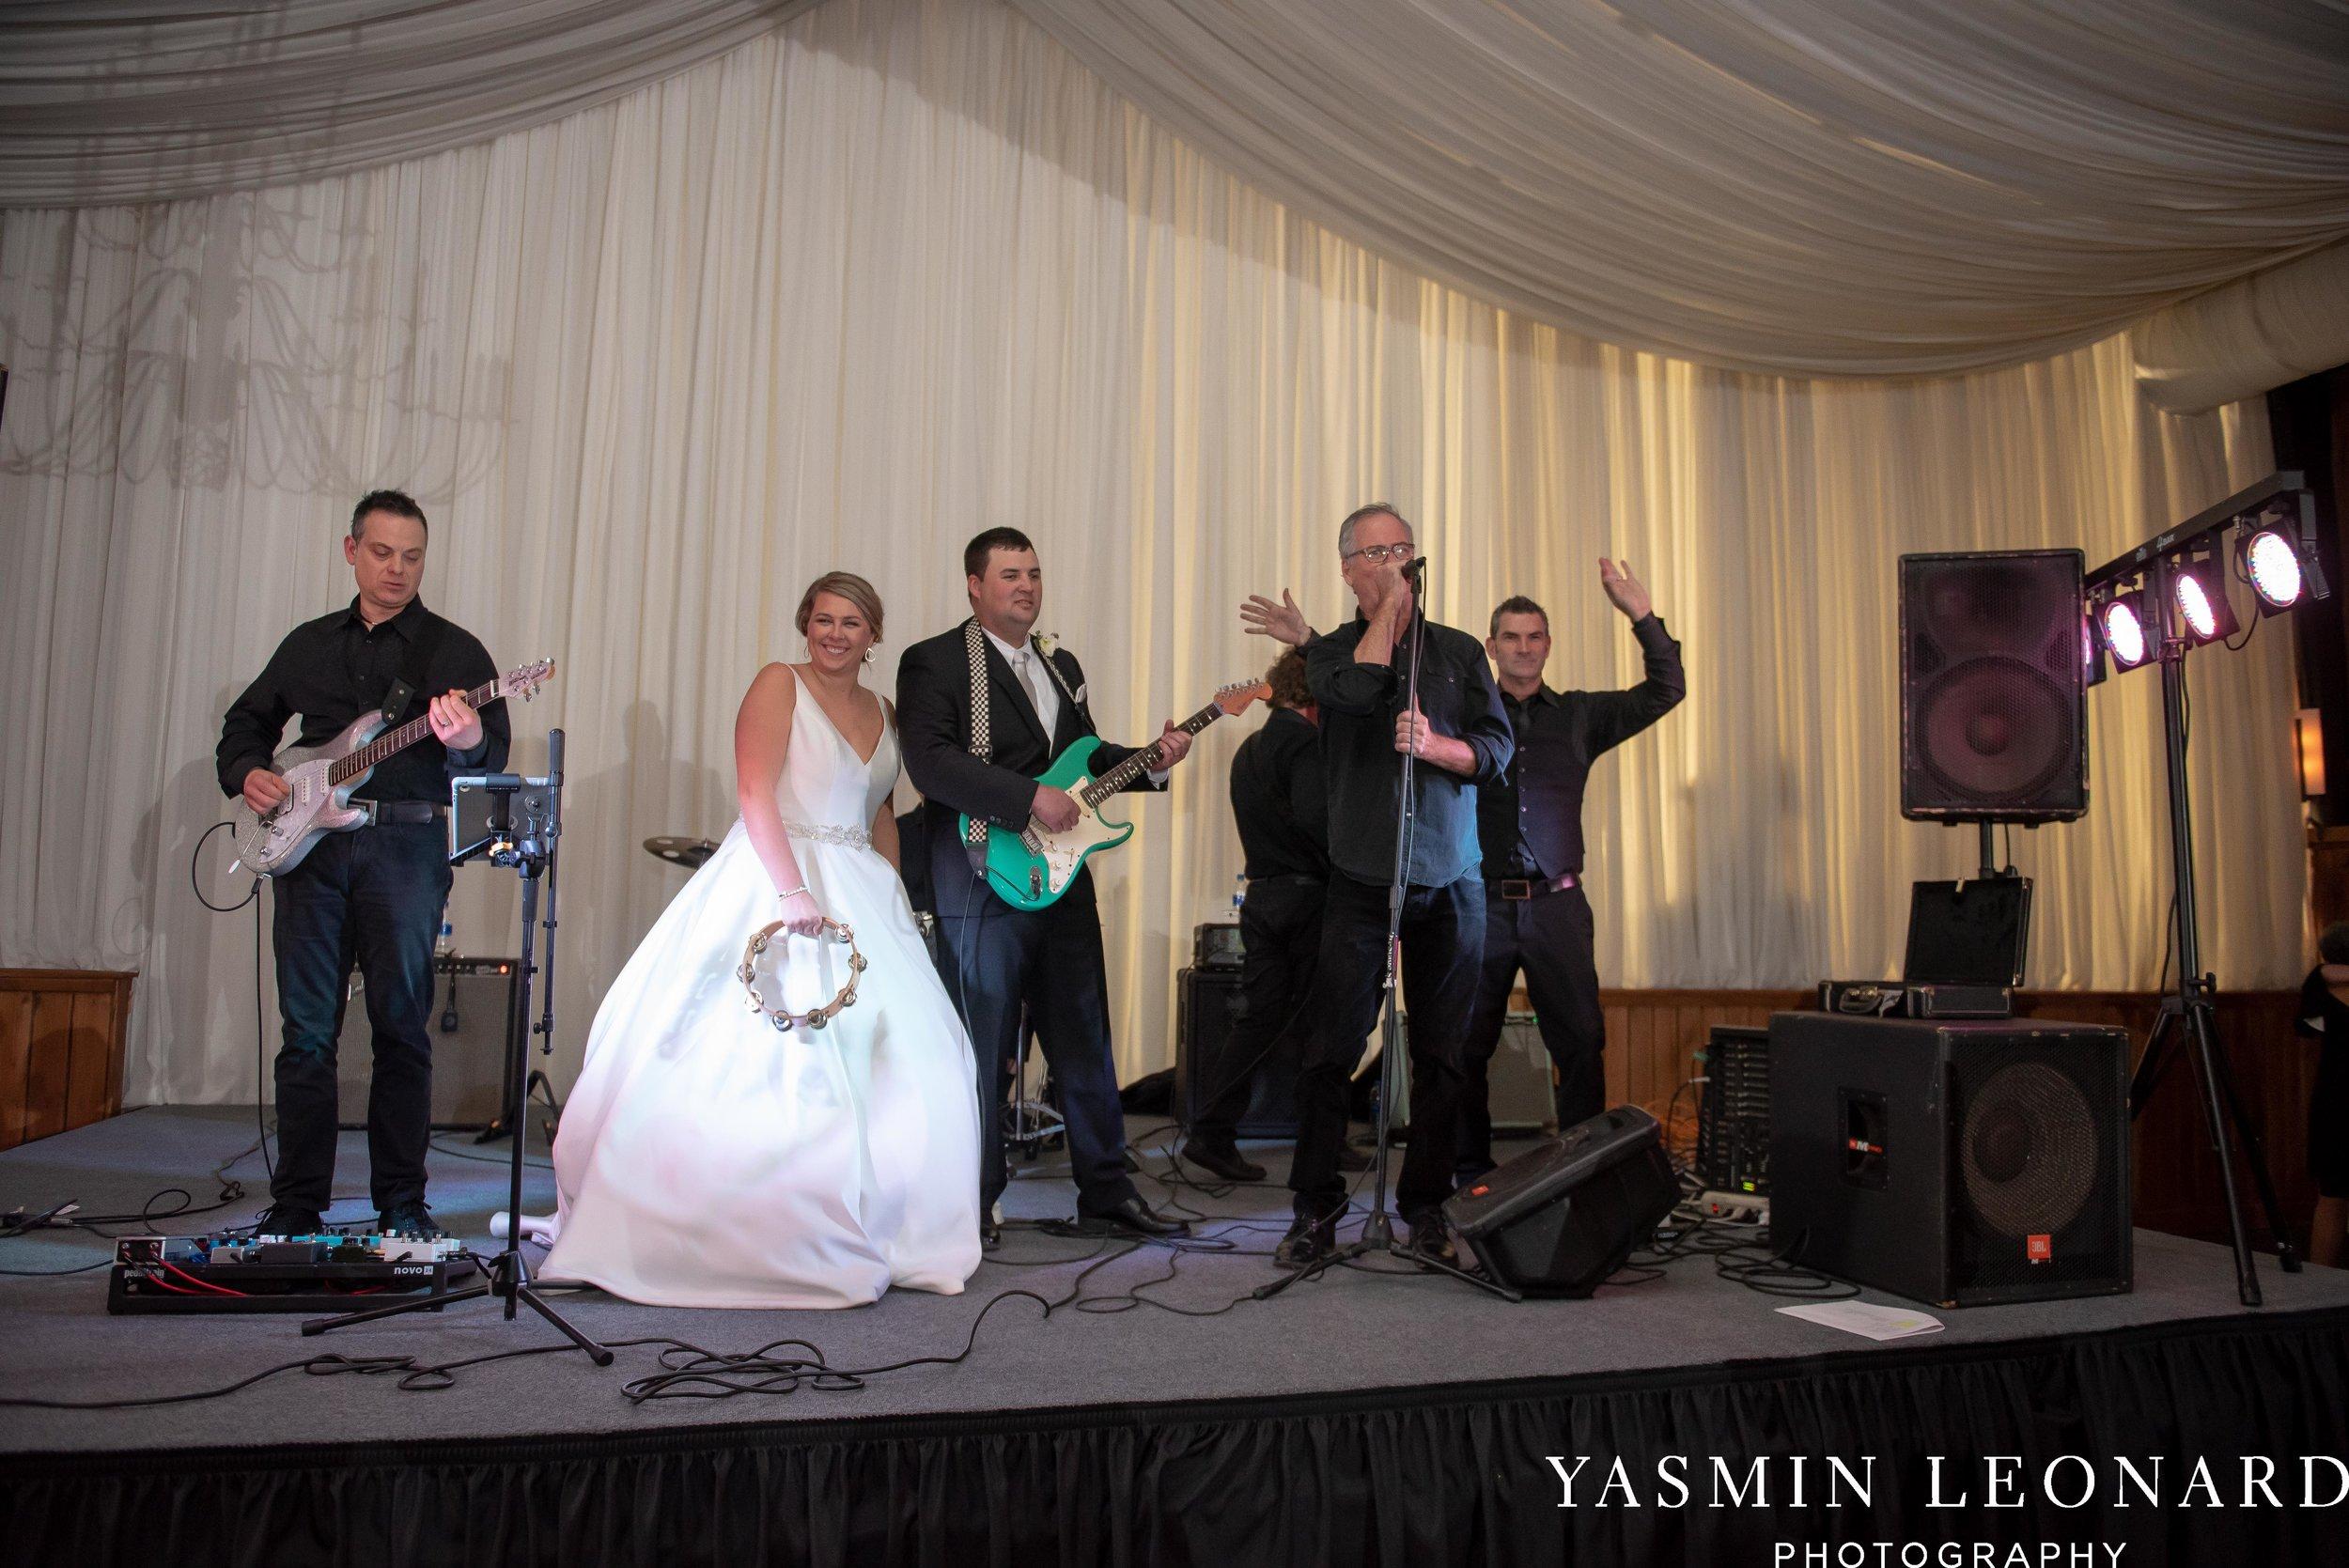 Adaumont Farm - Wesley Memorial Weddings - High Point Weddings - Just Priceless - NC Wedding Photographer - Yasmin Leonard Photography - High Point Wedding Vendors-69.jpg